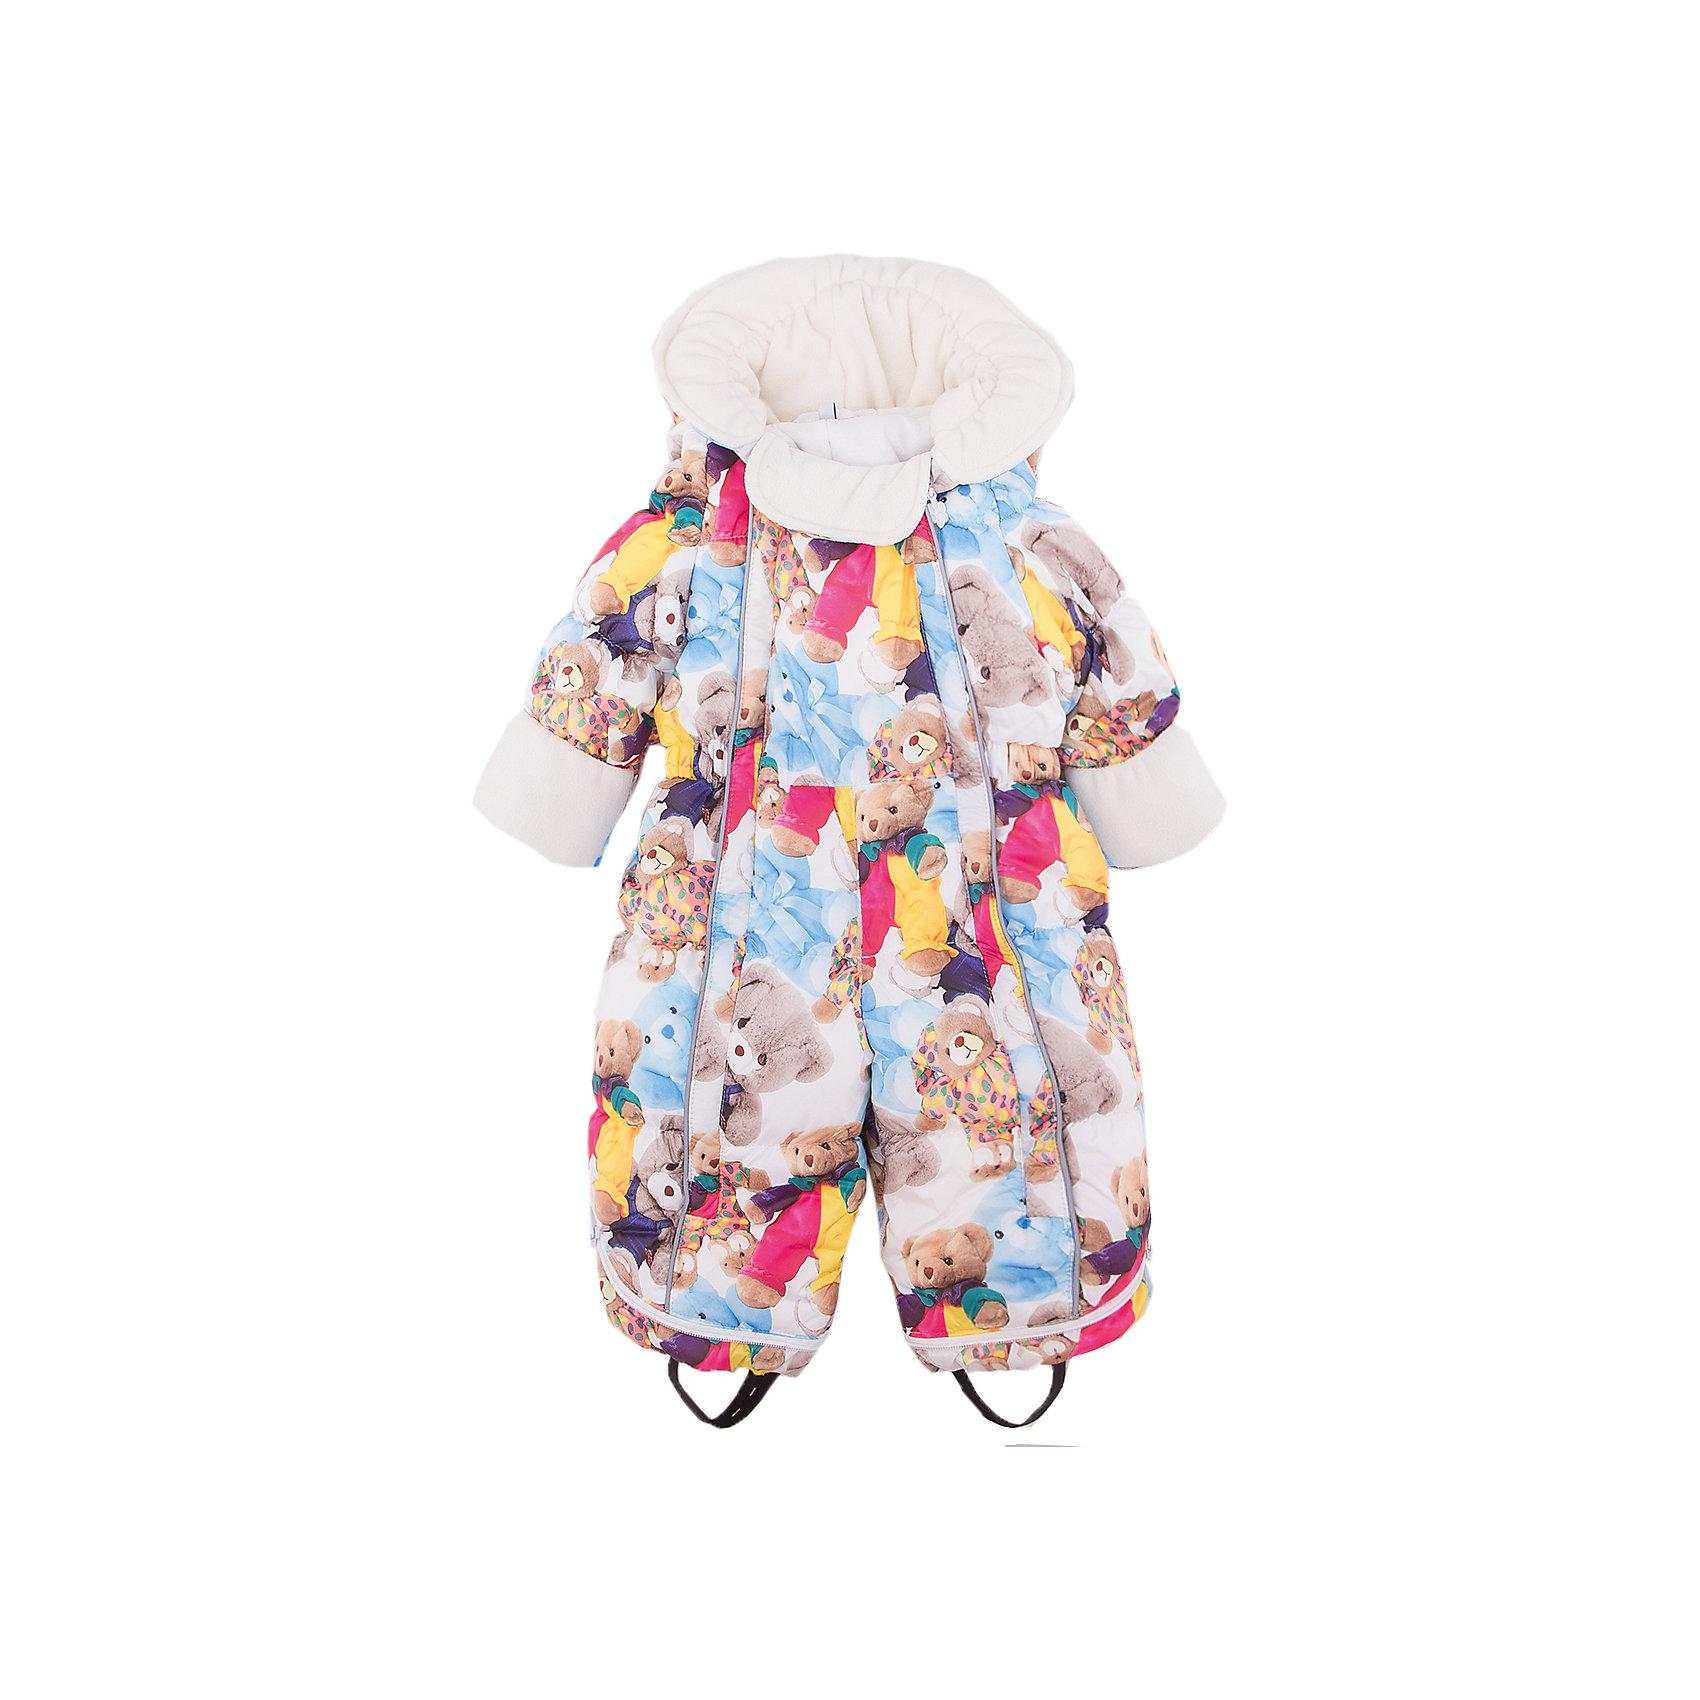 Комбинезон-трансформер Джереми OLDOSВерхняя одежда<br>Характеристики товара:<br><br>• цвет: белый<br>• состав ткани: 100% полиэстер, пропитка PU, Teflon<br>• подкладка: хлопок<br>• утеплитель: искусственный лебяжий пух<br>• сезон: зима<br>• температурный режим: от -35 до 0<br>• застежка: молния<br>• капюшон: без меха, несъемный<br>• пинетки отстегиваются<br>• трансформируется в конверт<br>• страна бренда: Россия<br>• страна изготовитель: Россия<br><br>Комбинезон-трансформер позволяет создать комфортный микроклимат даже в сильные морозы. Верх детского комбинезона со специальной пропиткой. Мягкая подкладка детского комбинезона-трансформера для зимы приятна на ощупь. Теплый комбинезон-трансформер дополнен съемными пинетками, пристегивающимися с помощью кнопок. <br><br>Комбинезон-трансформер Джереми Oldos (Олдос) можно купить в нашем интернет-магазине.<br><br>Ширина мм: 356<br>Глубина мм: 10<br>Высота мм: 245<br>Вес г: 519<br>Цвет: белый<br>Возраст от месяцев: 12<br>Возраст до месяцев: 18<br>Пол: Унисекс<br>Возраст: Детский<br>Размер: 86,68,74<br>SKU: 7016612